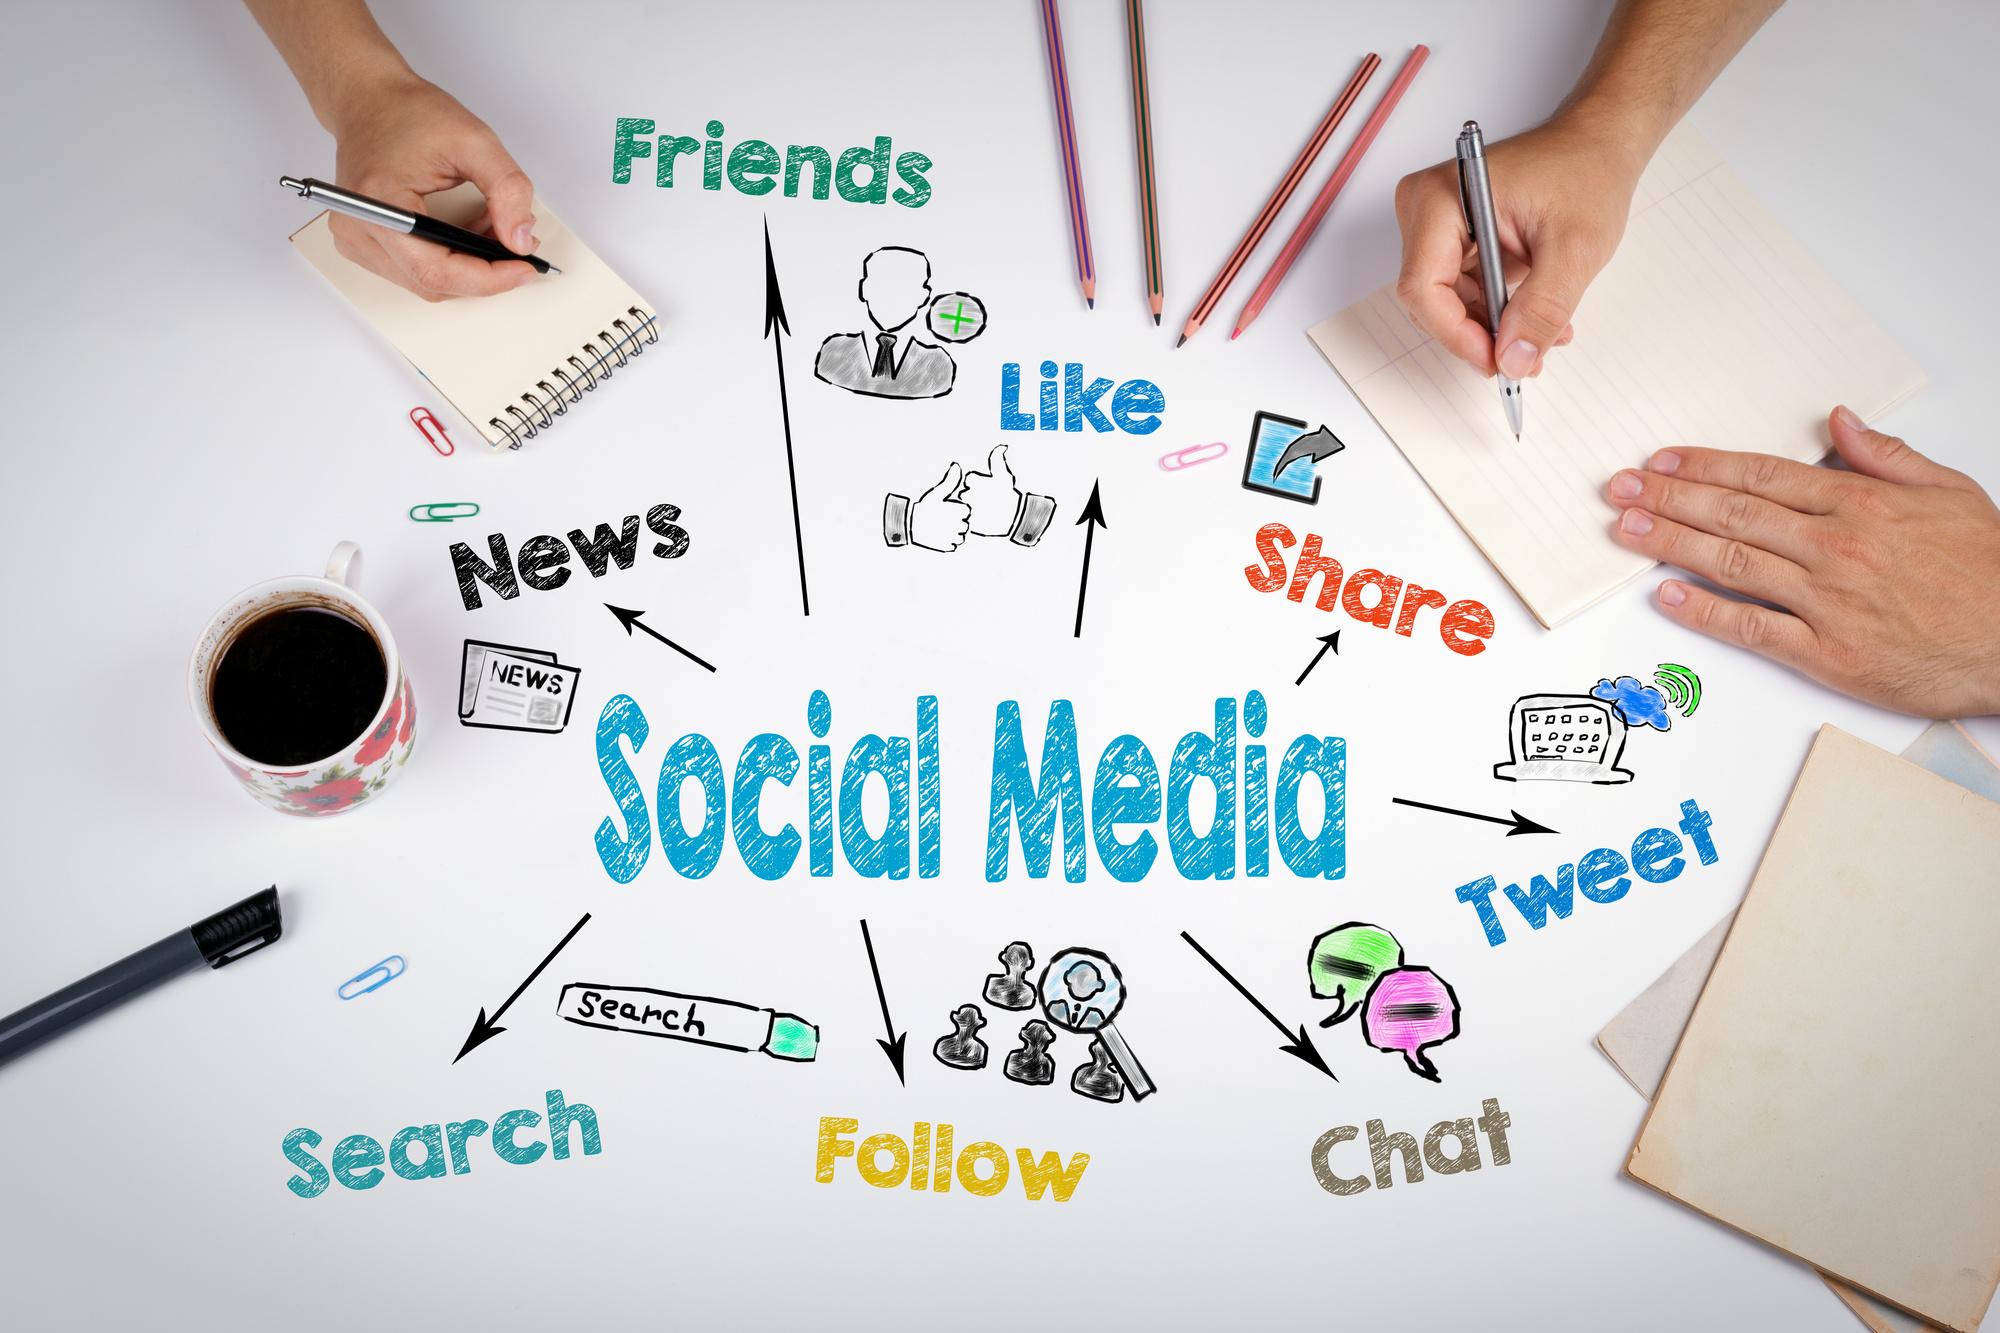 blog on social media